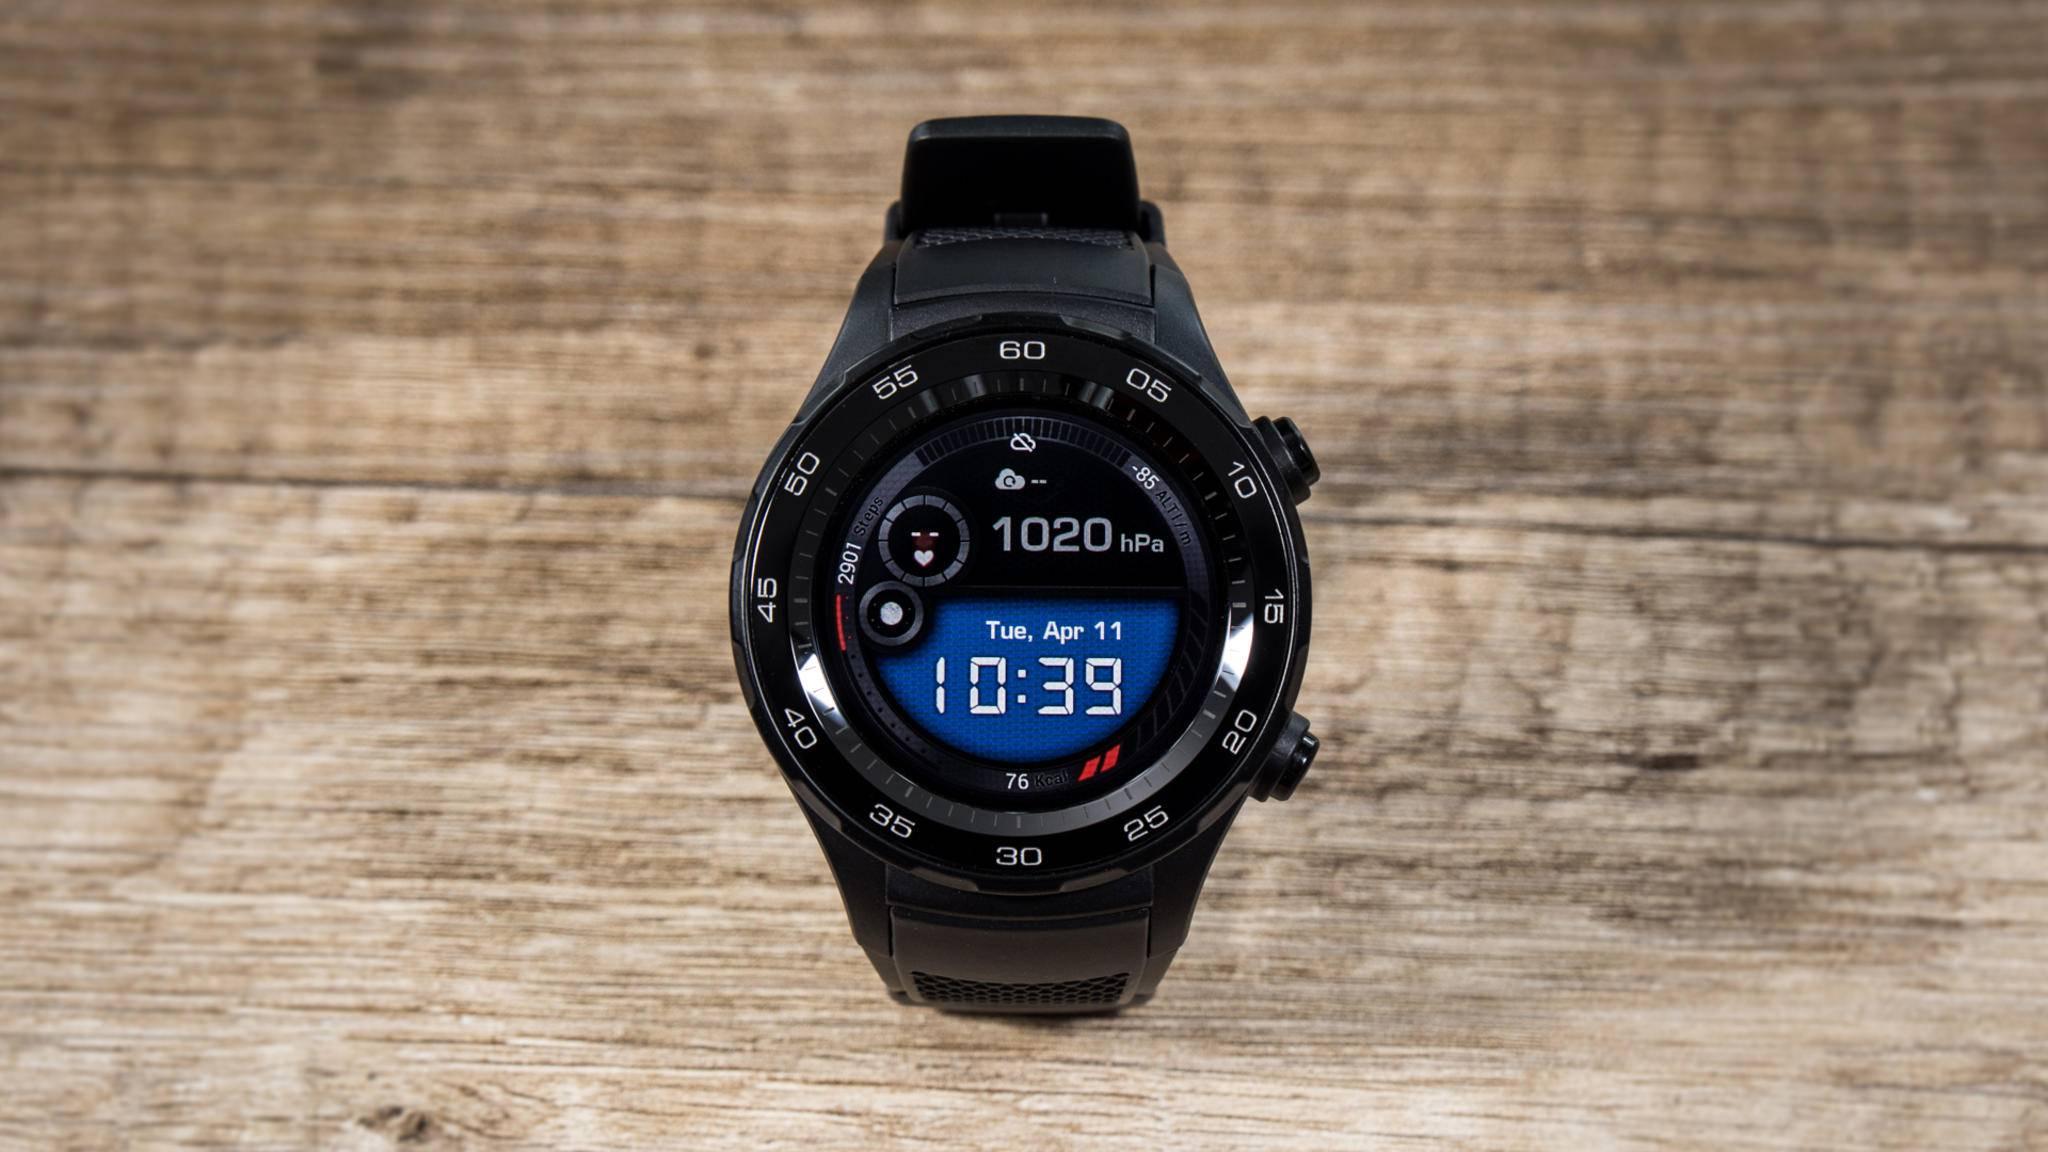 Der Google Assistant lässt sich auf Android Wear 2.0-Smartwatches einsetzen, aber er muss im Konkurrenzkampf noch weitere Verbreitung finden.